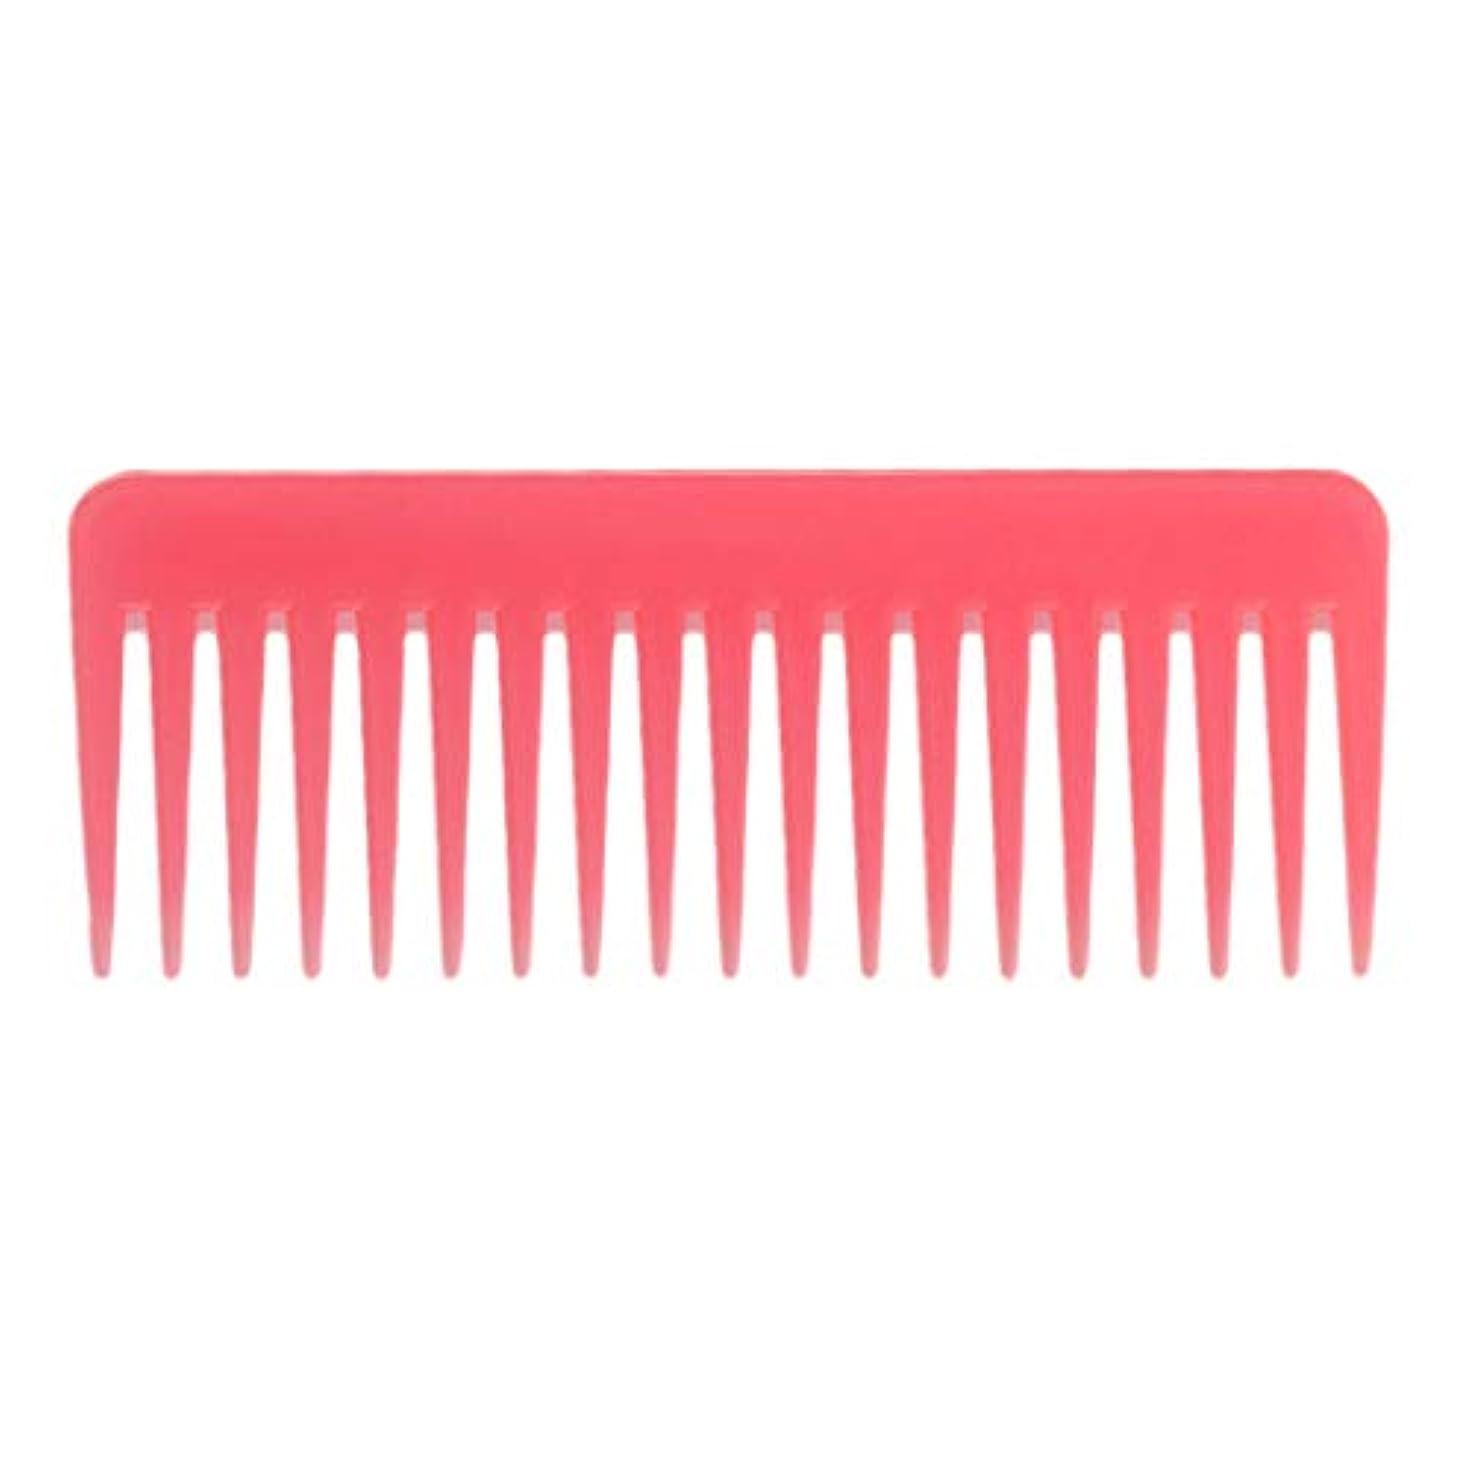 中間病院レンダリング巻き毛の太い髪用の広い歯のもつれのくしサロンシャンプーヘアブラシくし、6.1 ' - ピンク